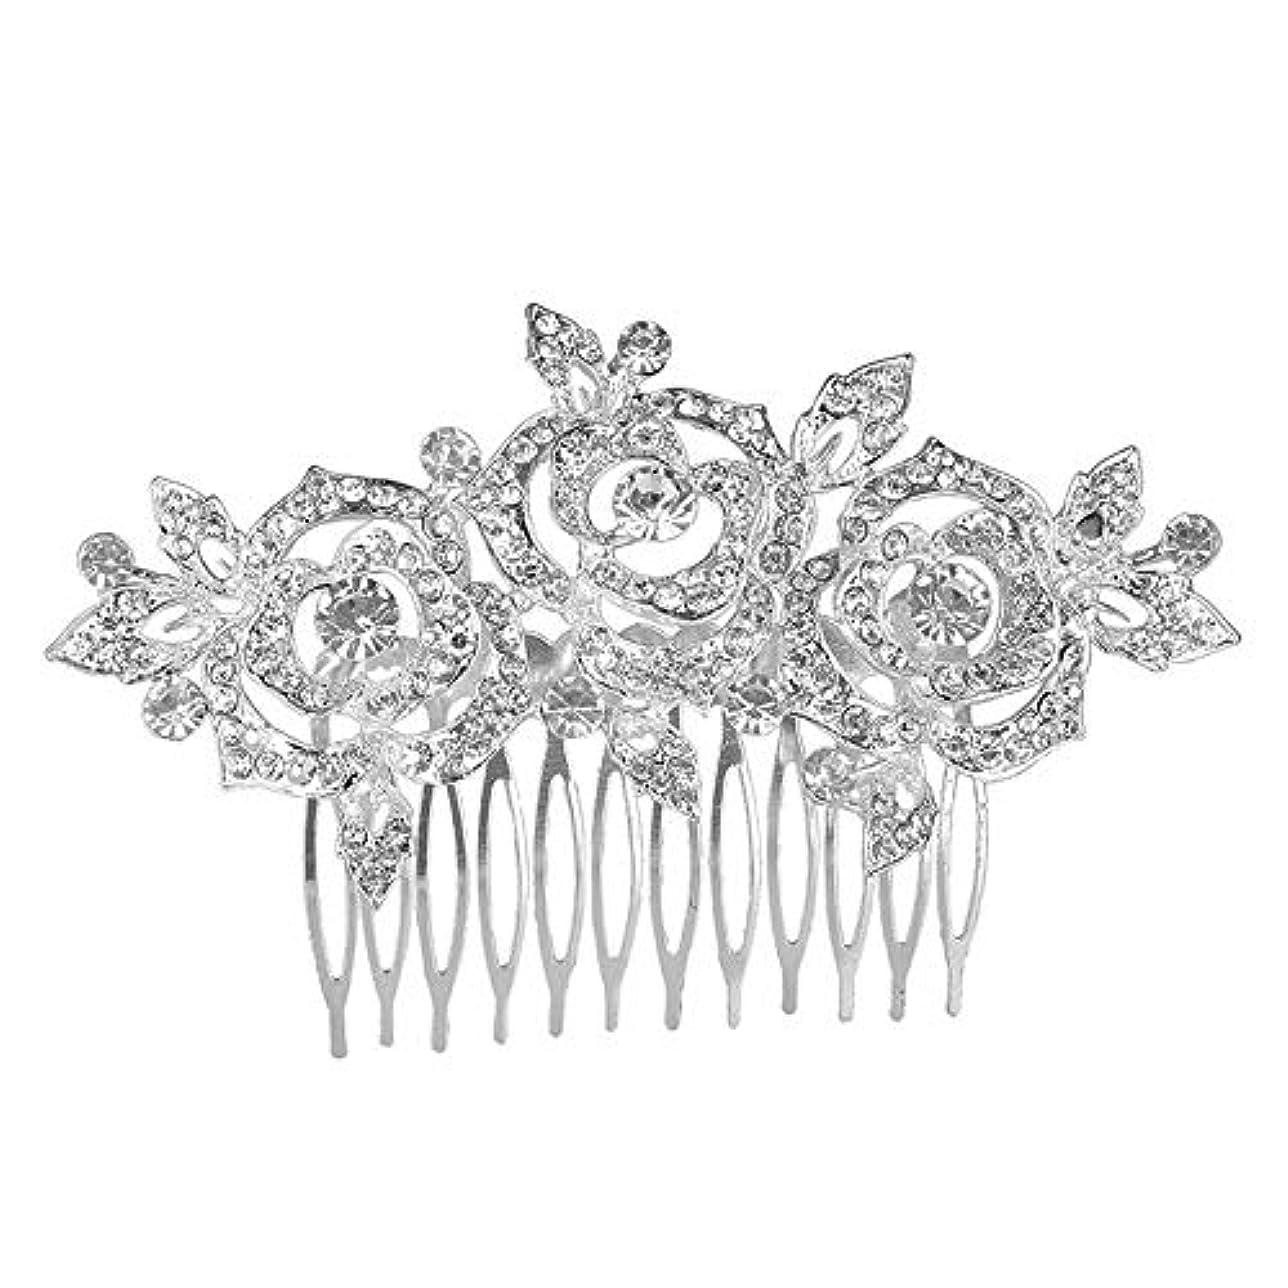 の配列根絶する誠実髪の櫛挿入櫛花嫁の髪櫛クラウン髪の櫛結婚式の付属品櫛の髪の櫛花の櫛の櫛ブライダルヘッドドレス